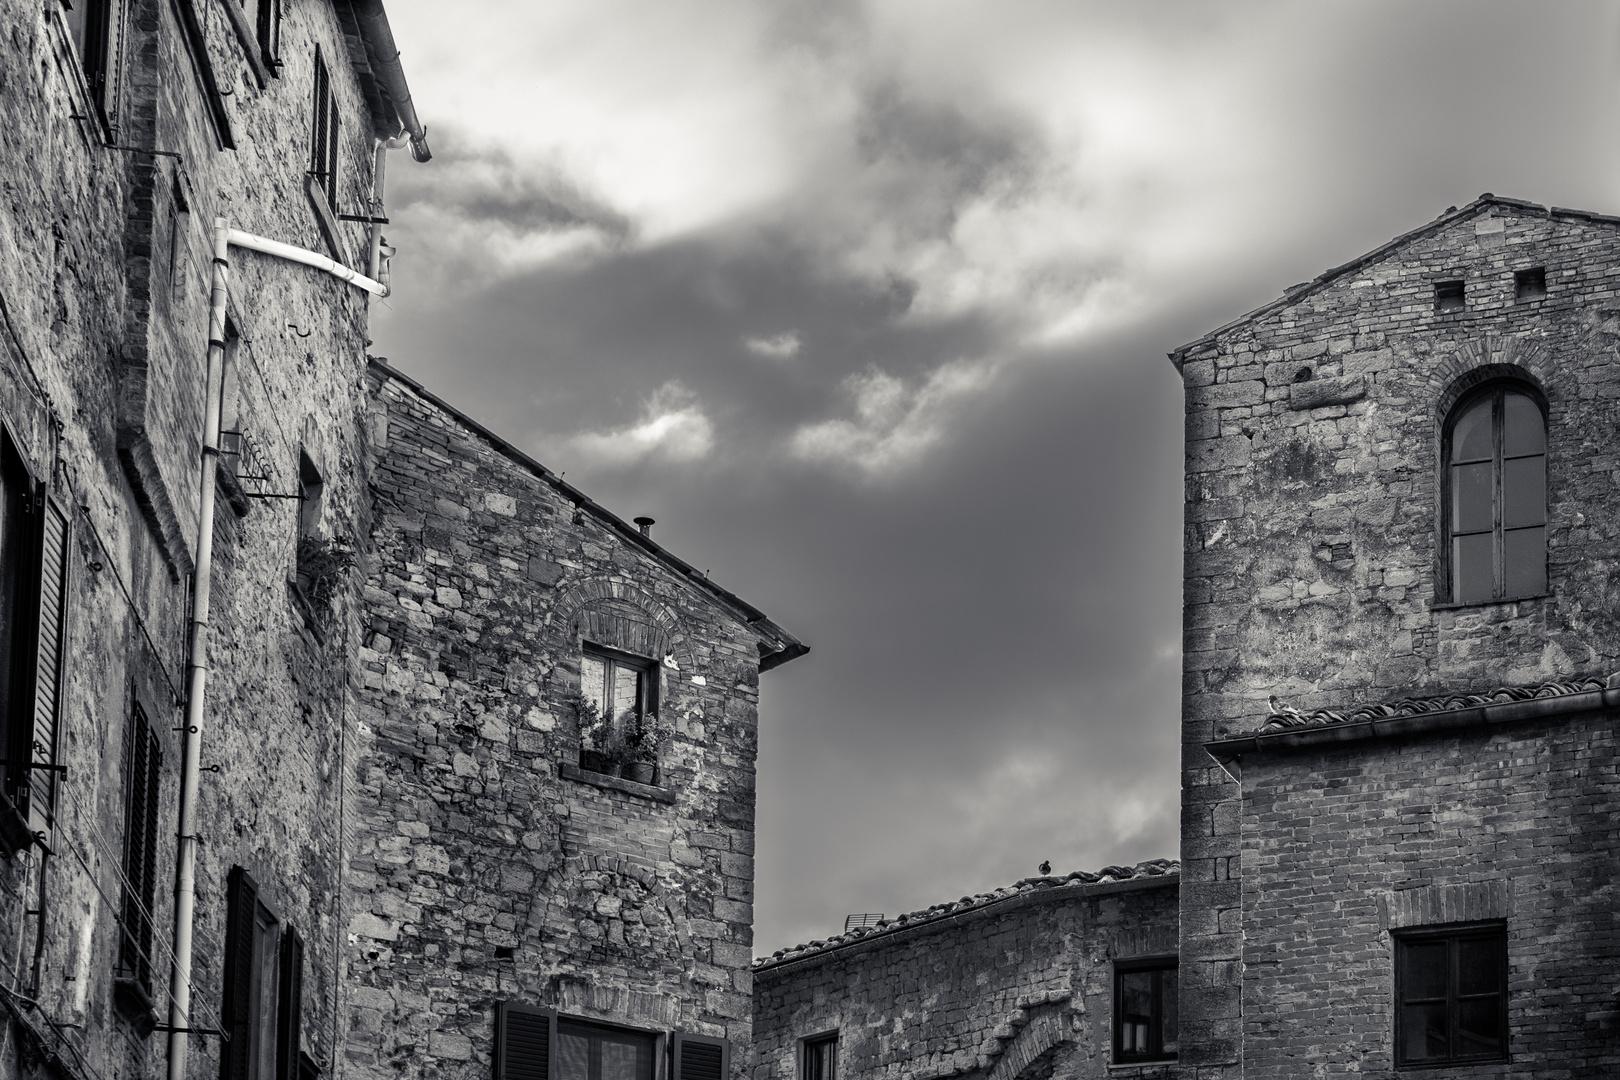 Voltera_Toscana_BW#2